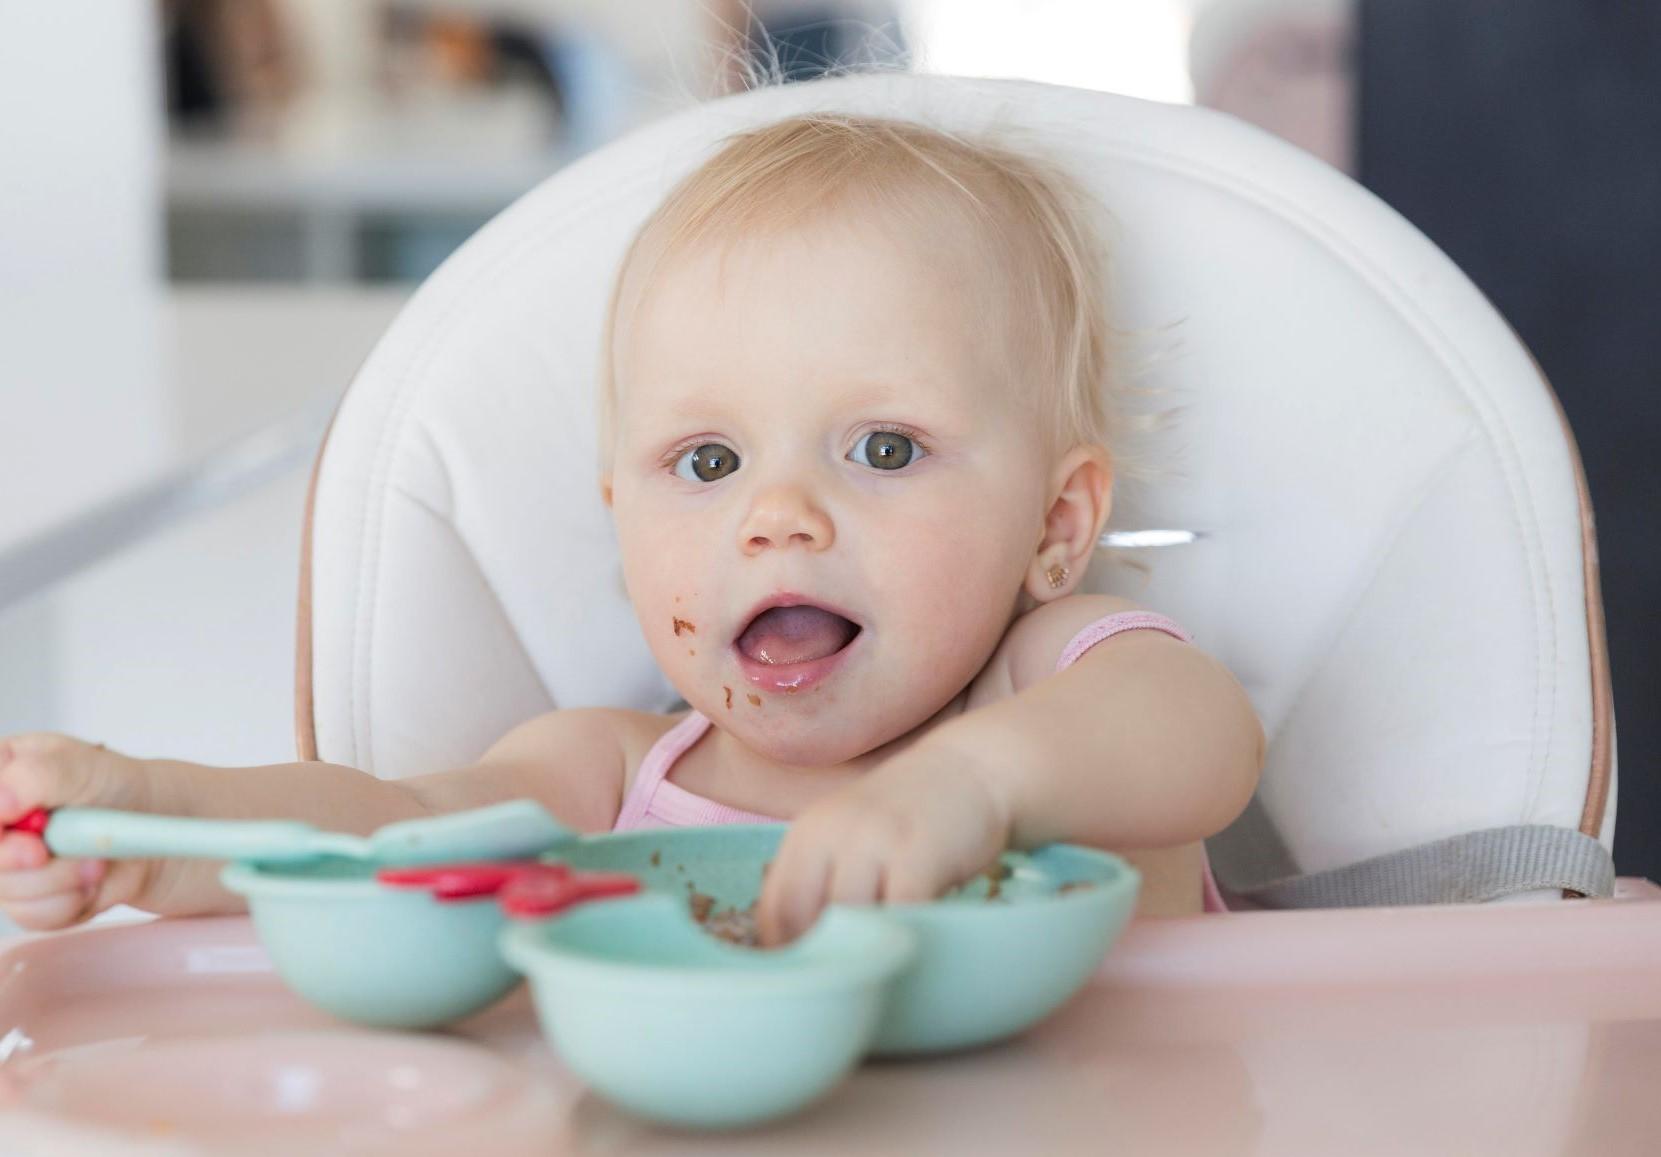 Diversificação alimentar: do leite aos legumes e fruta